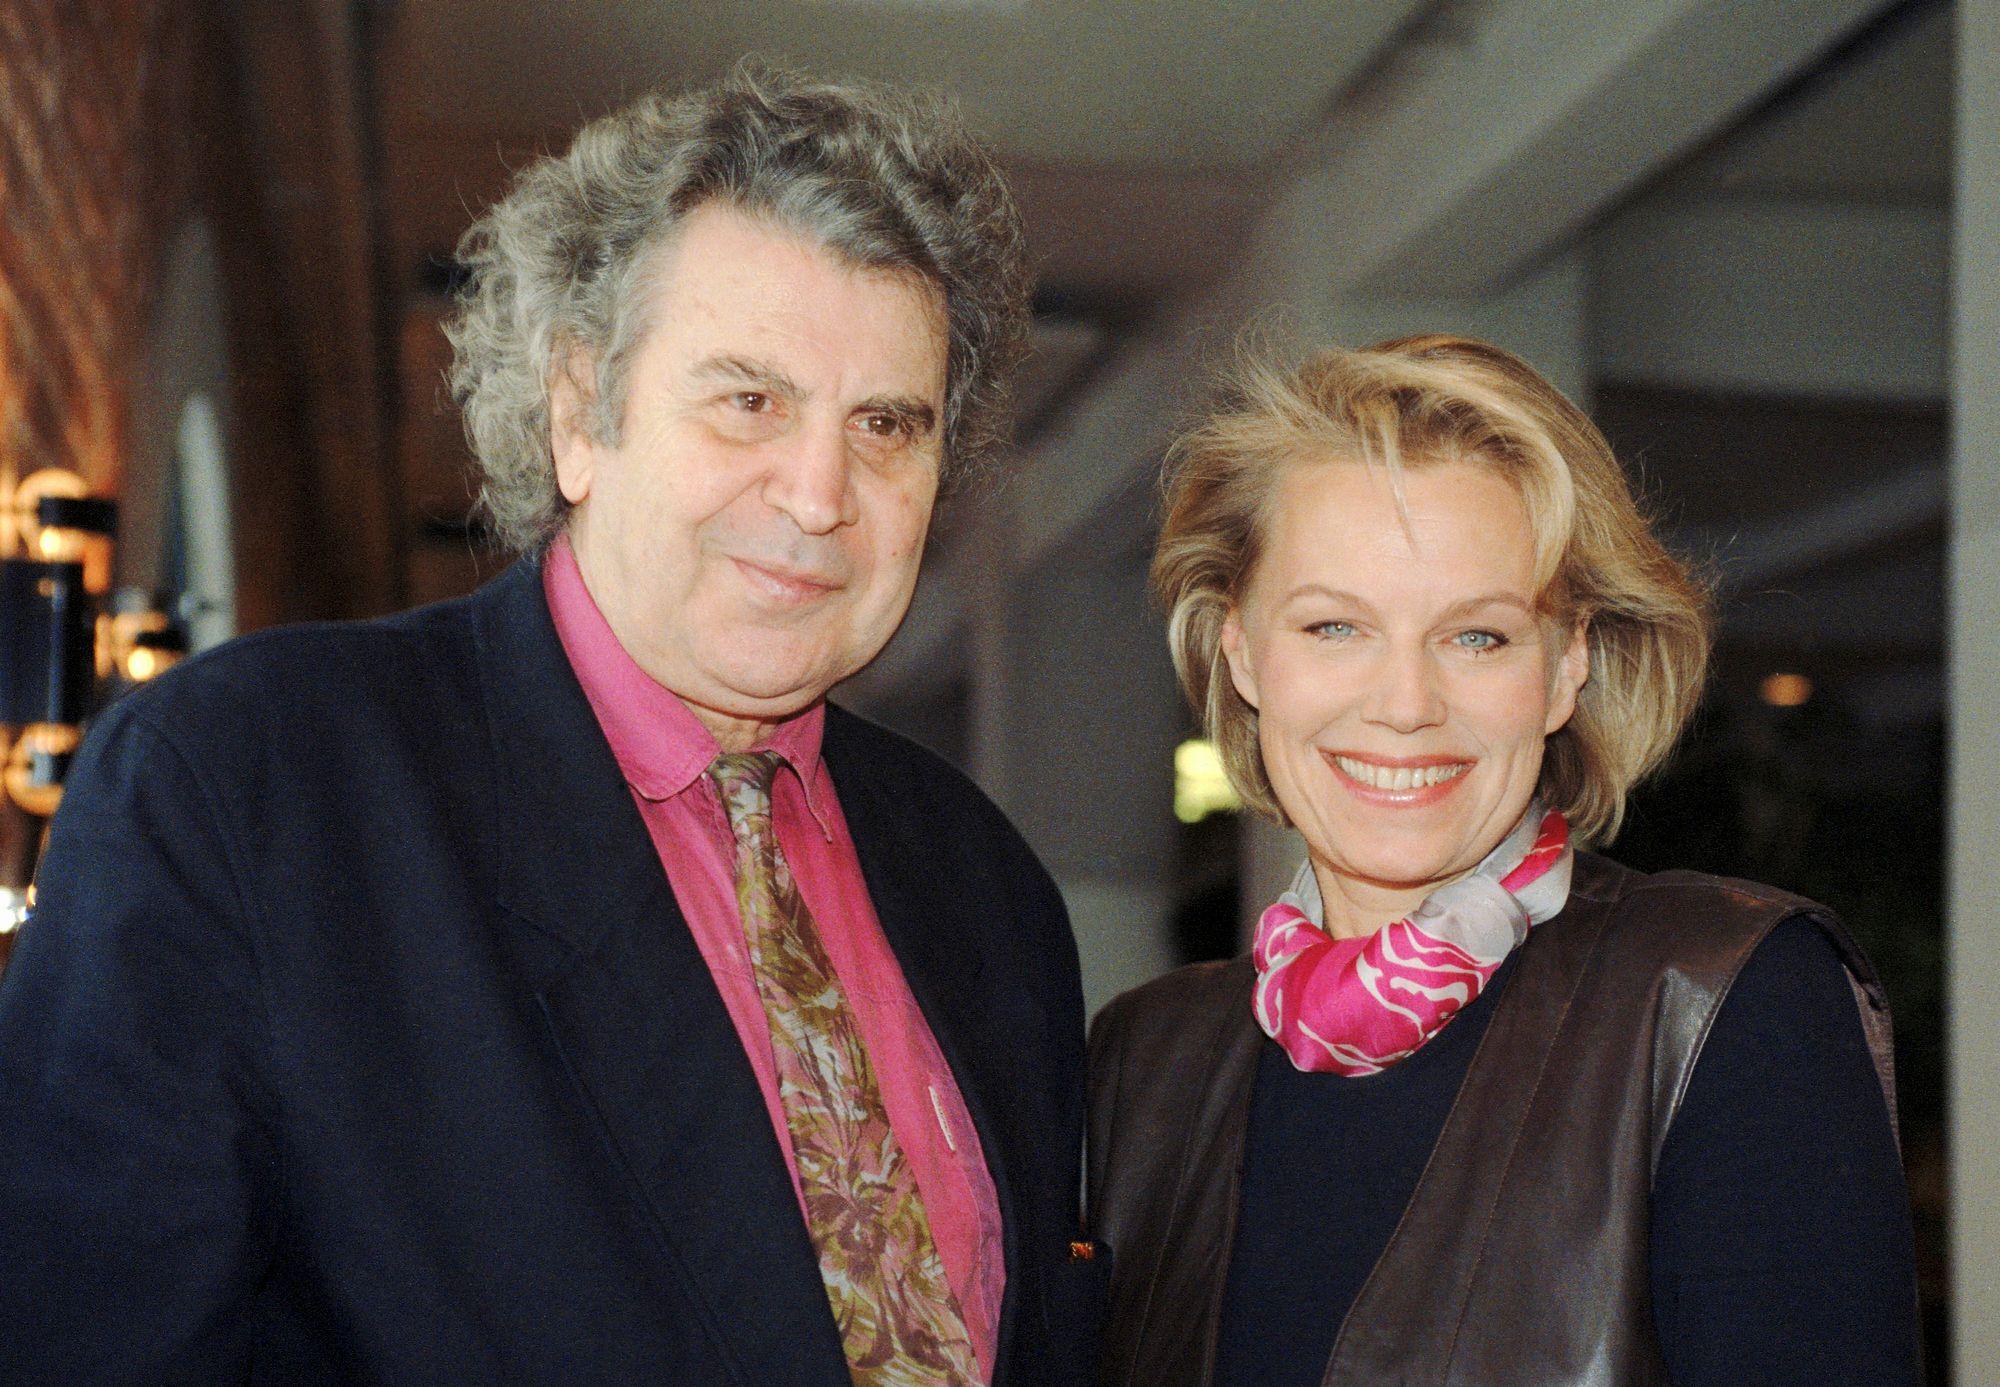 Tammikuussa 1993 Mikis Theodorakis ja Arja Saijonmaa kuvattiin yhdessä Helsingissä hotelli Grand Marinassa. © Lehtikuva